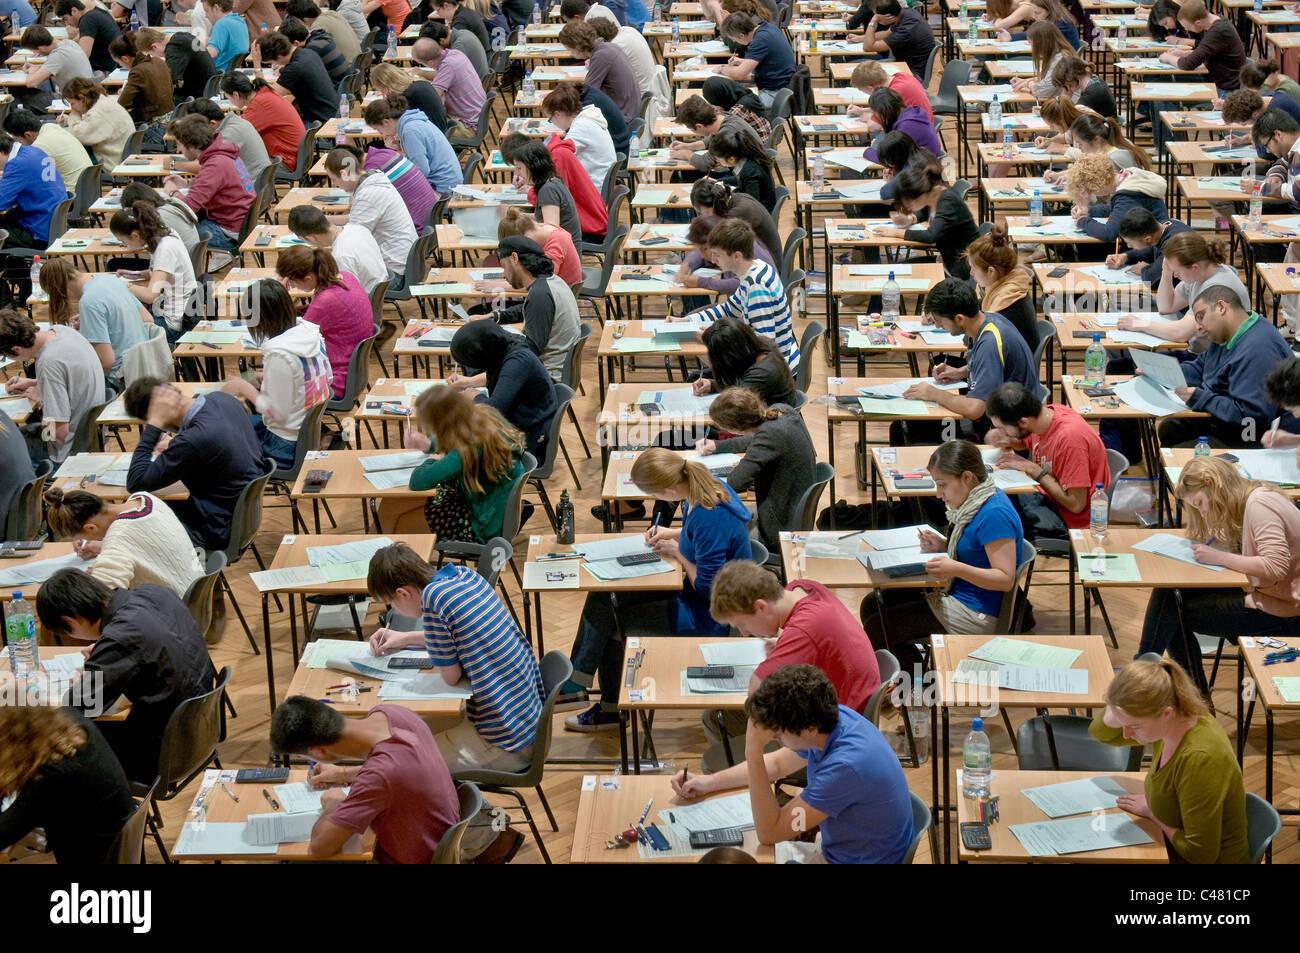 Les étudiants de l'Université de King's College London, séance d'examens. Photo Stock